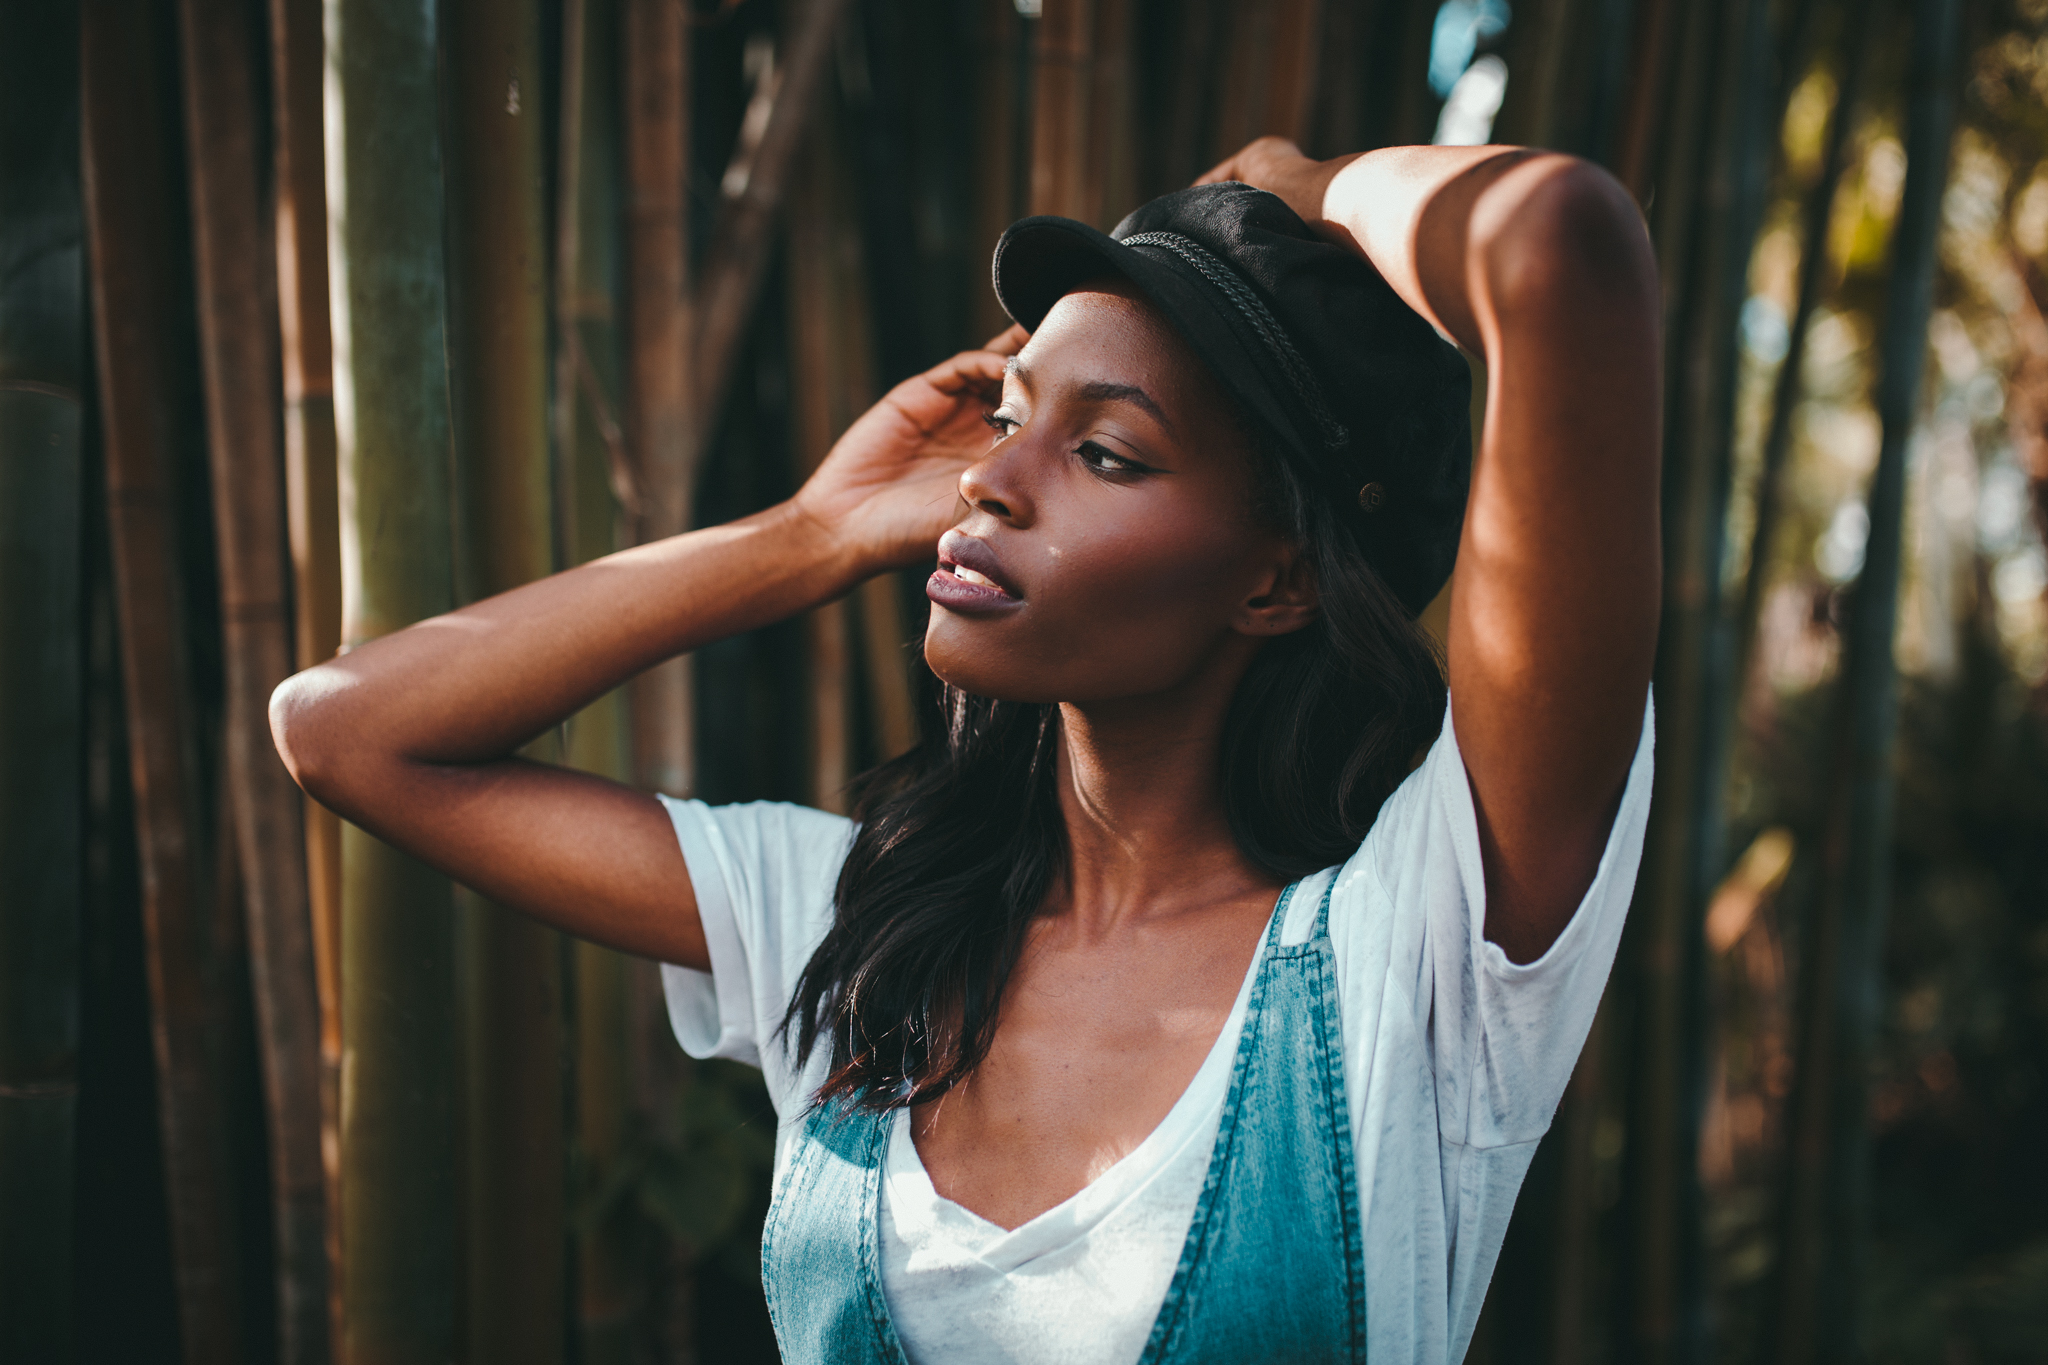 karina-twedt-model muse-orlando-portrait-lifestyle-photographer